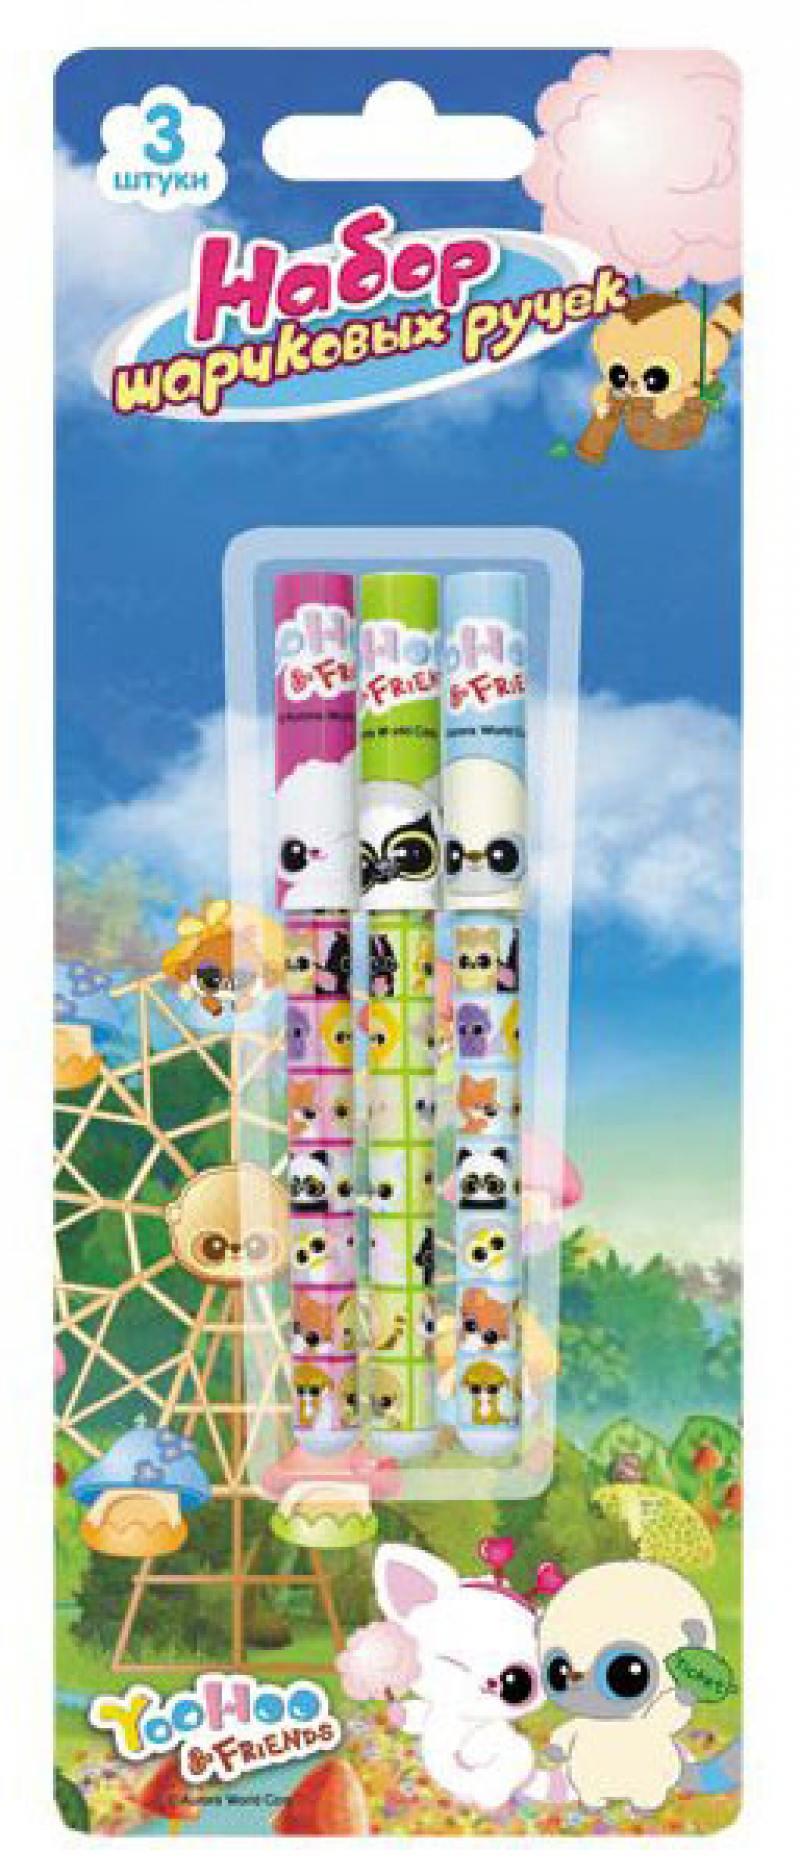 Набор шариковых ручек Action! Yoohoo 3 шт YH-ABP151/3 YH-ABP151/3 набор шариковых ручек action discovery 3 штуки